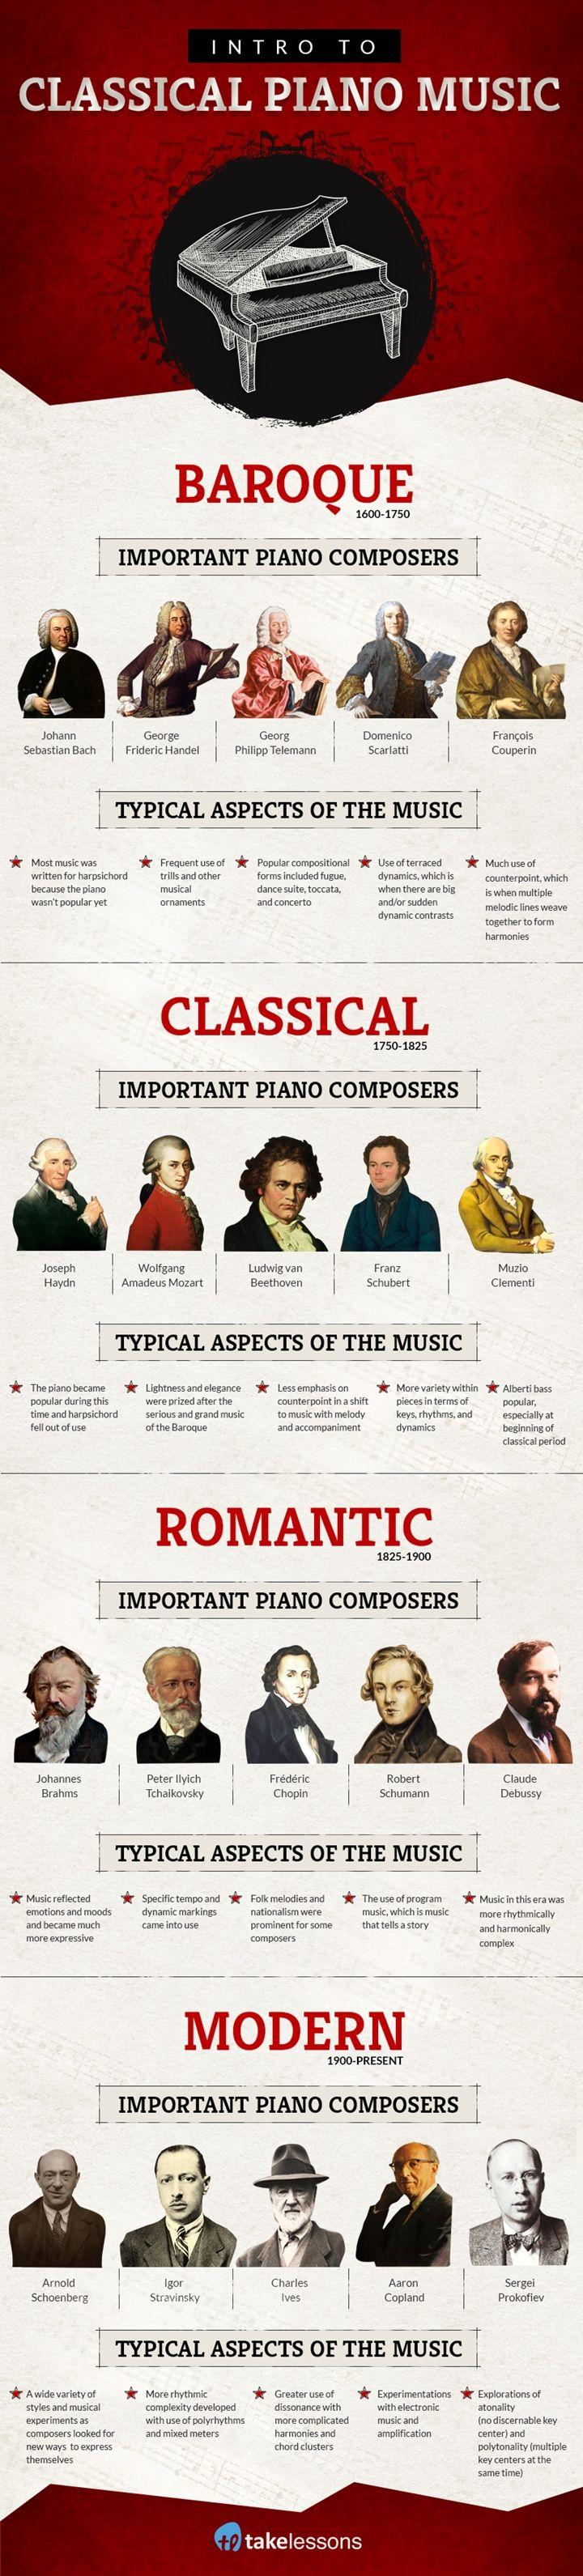 Gostar de Musica classica